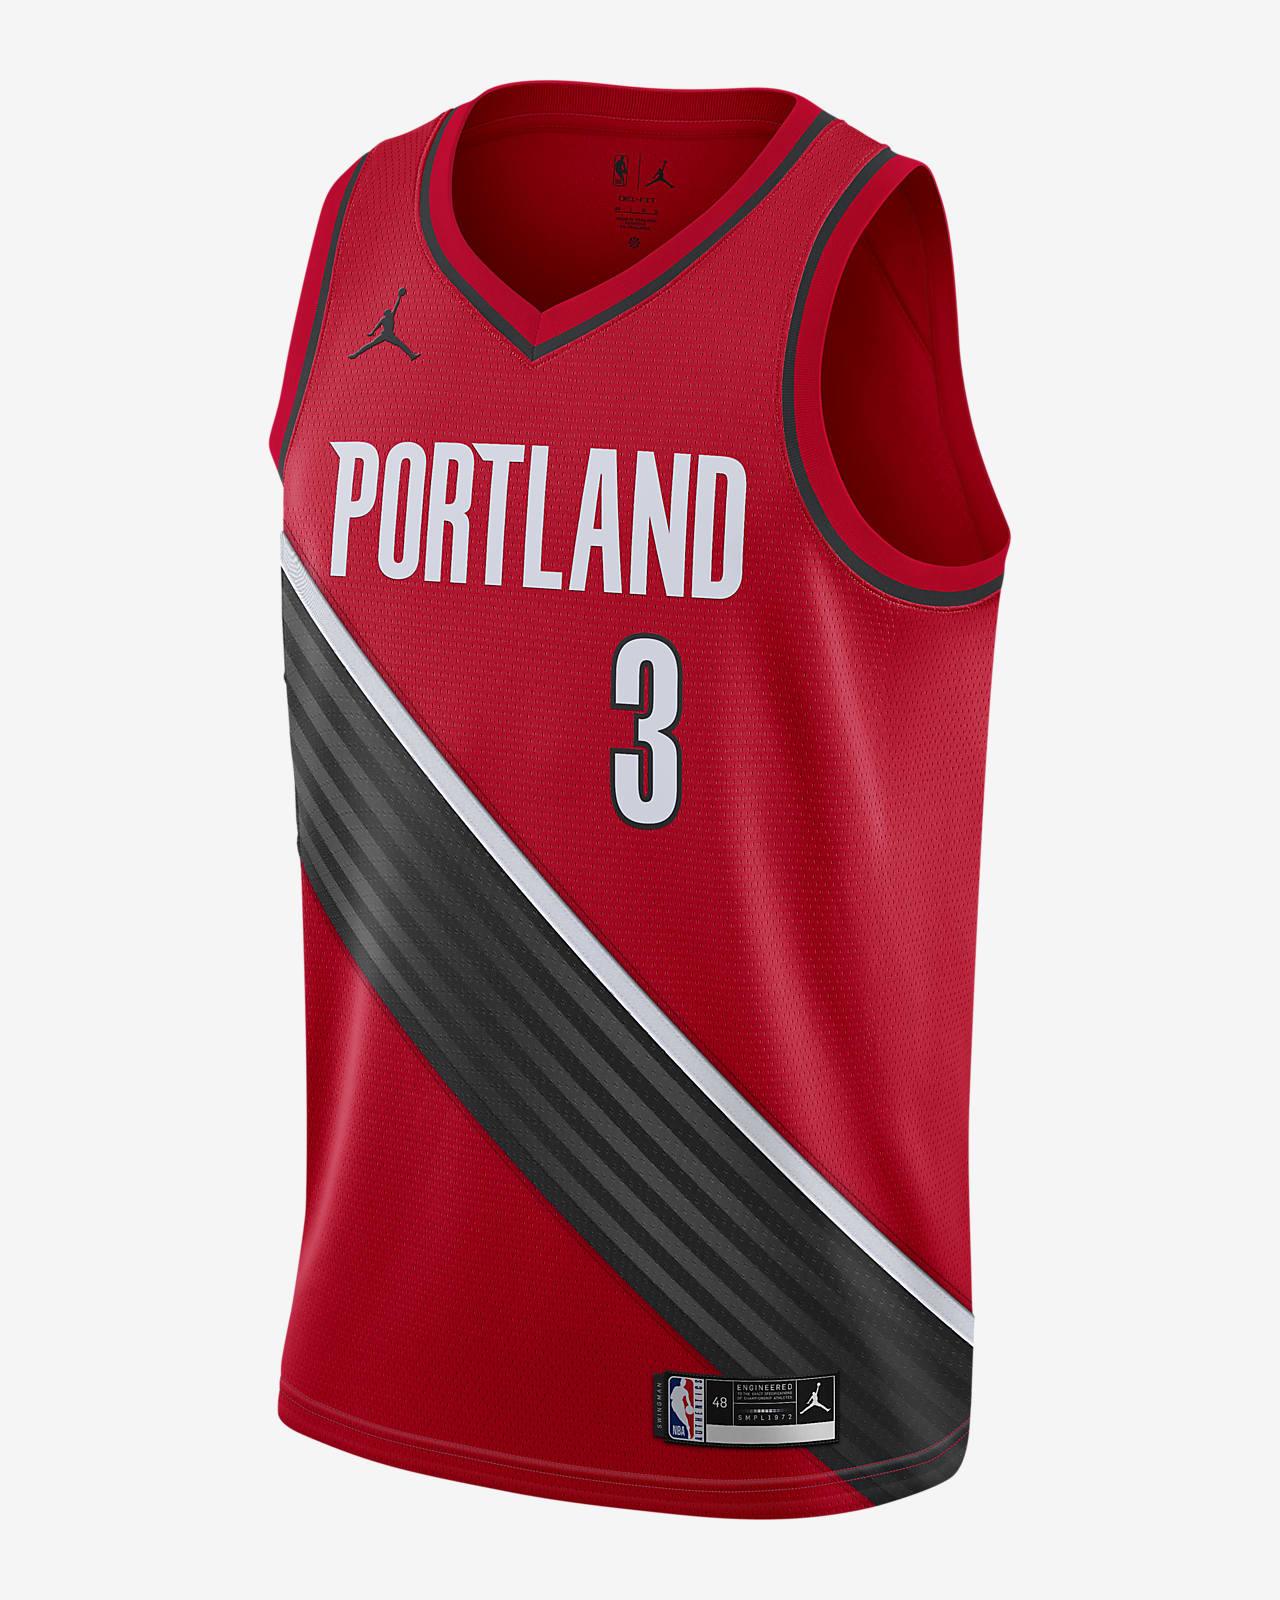 2020 赛季波特兰开拓者队 (C.J.McCollum) Statement Edition Jordan NBA Swingman Jersey 男子球衣